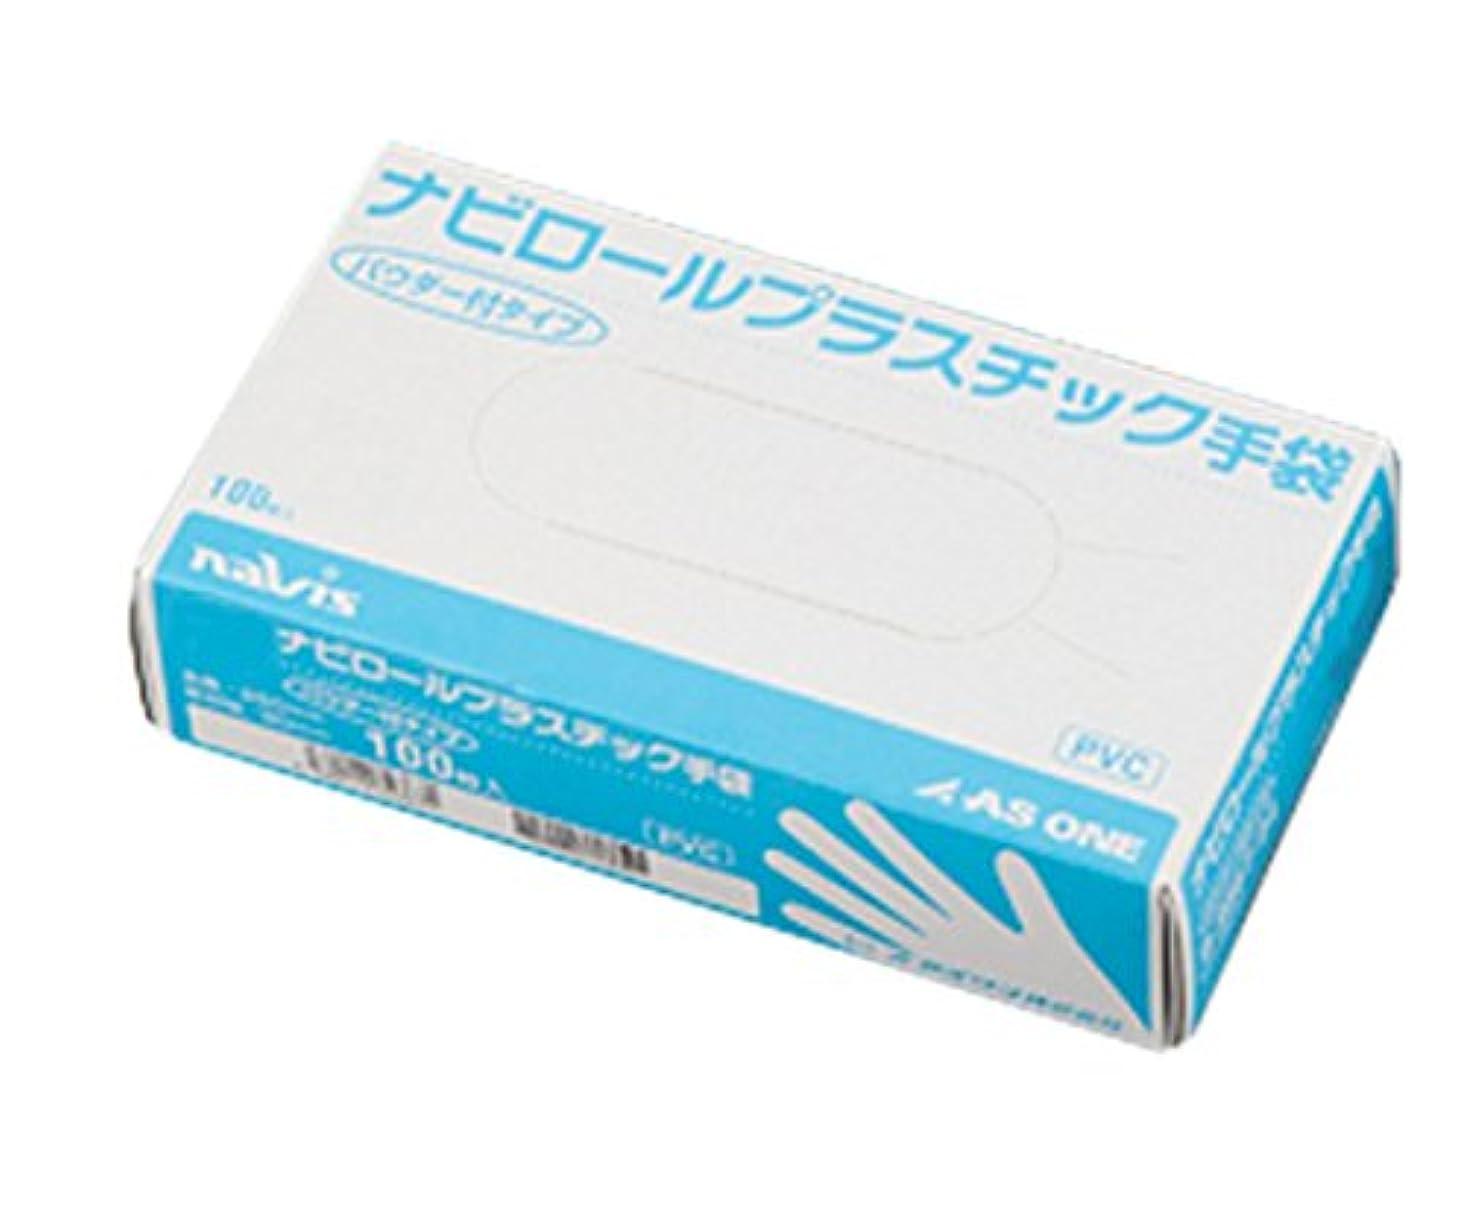 アズワン ナビロールプラスチック手袋(パウダー付き) L 100枚入 /0-9867-01